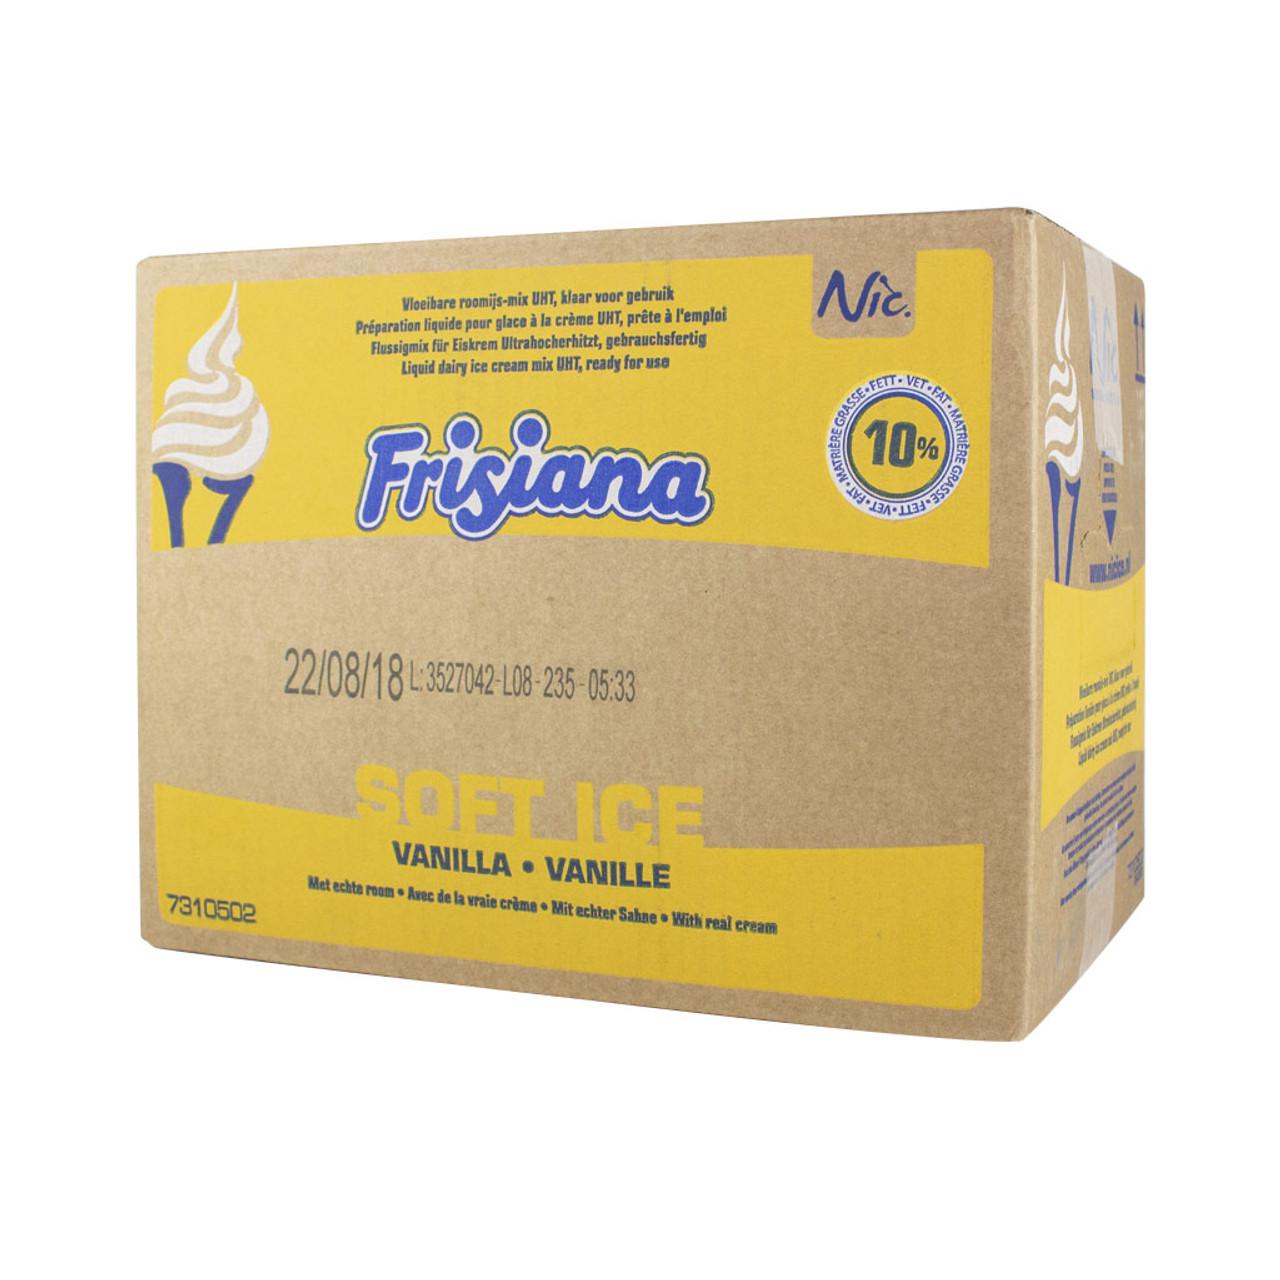 Frisiana 10% UHT Ice Cream Mix - 10lt